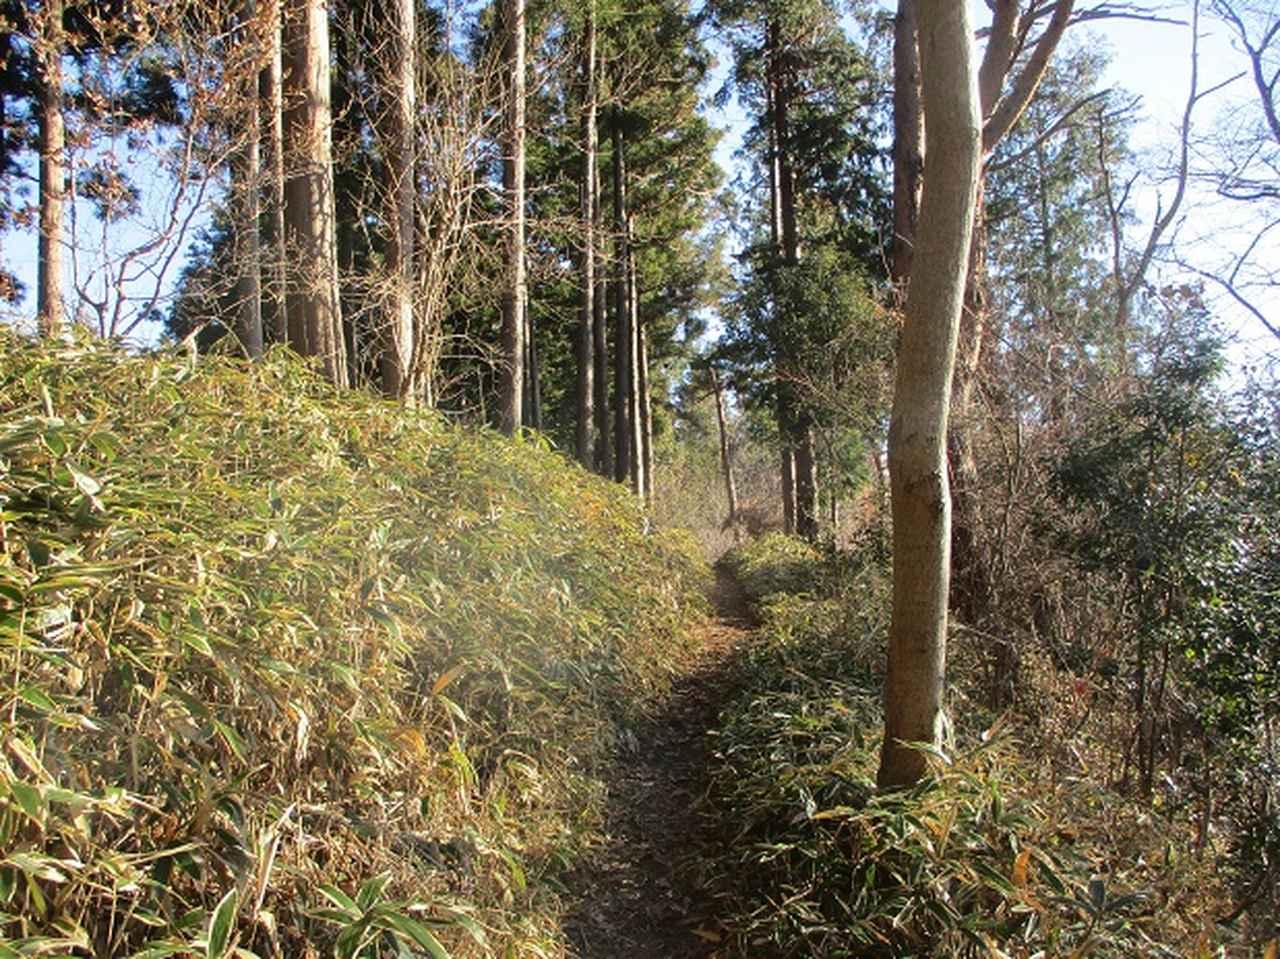 画像6: 1月の山旅会 「丹沢南山」 の下見にいってまいりました!